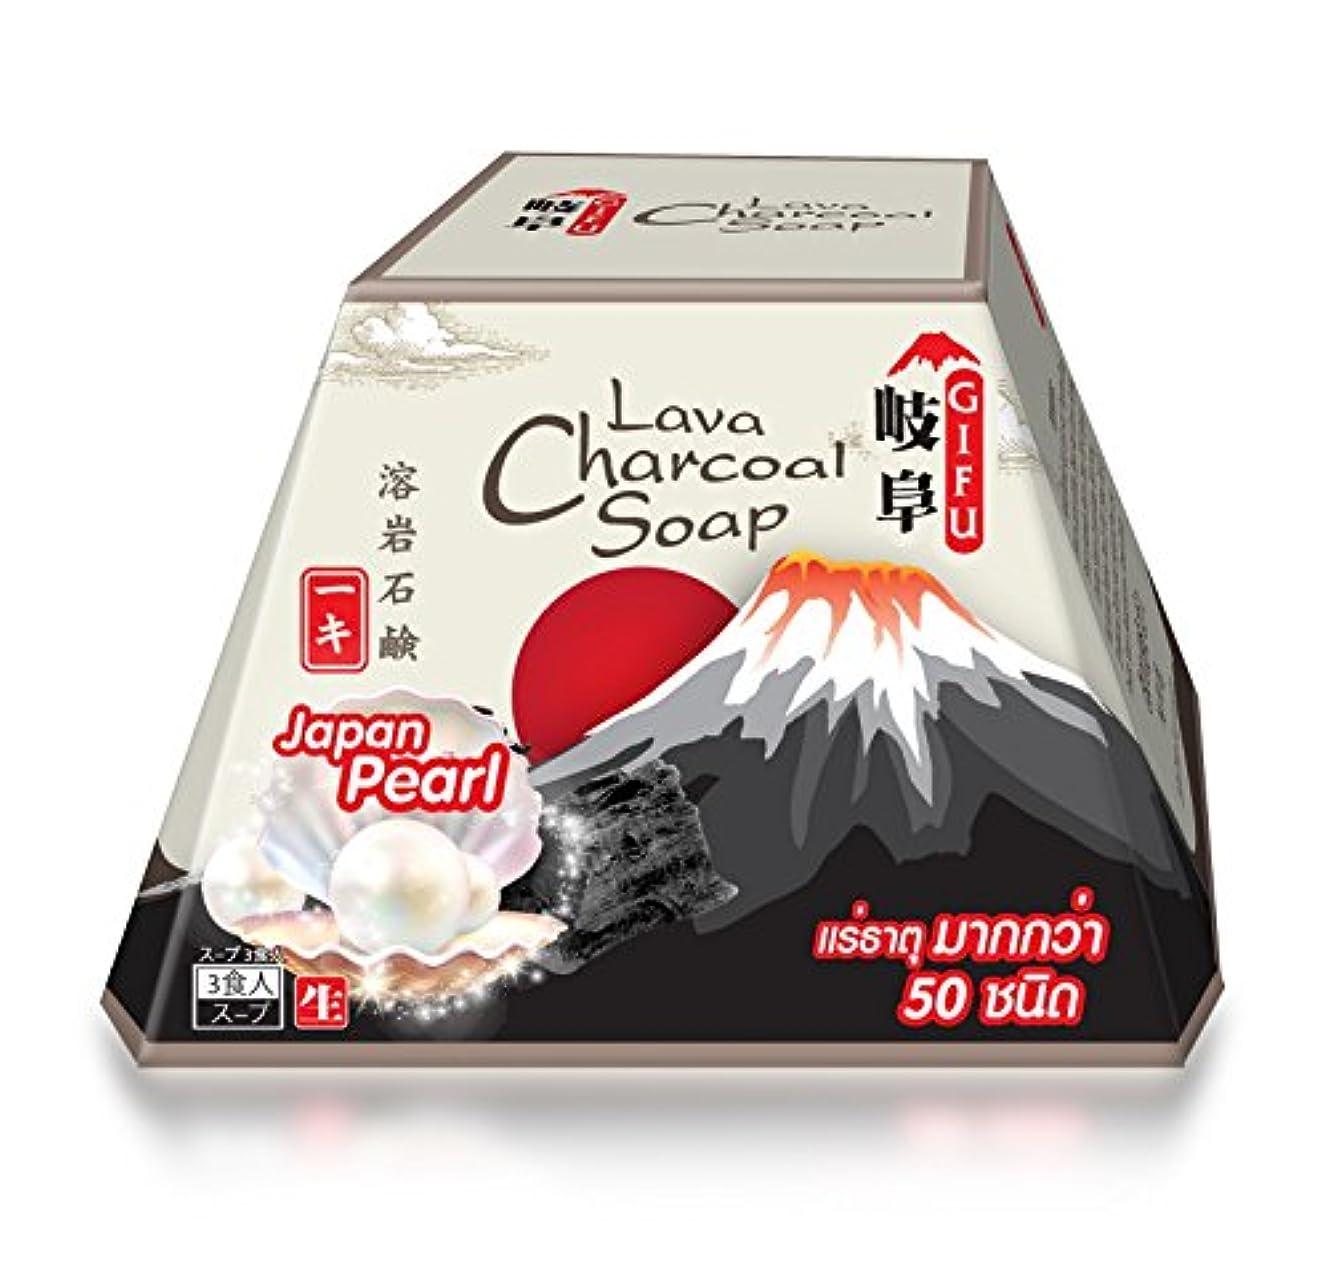 女性マルコポーロ頂点OKI GIFU Lava Charcoal & Japanese Pearl Powder Soap 70g 溶岩炭と日本のパールパウダー